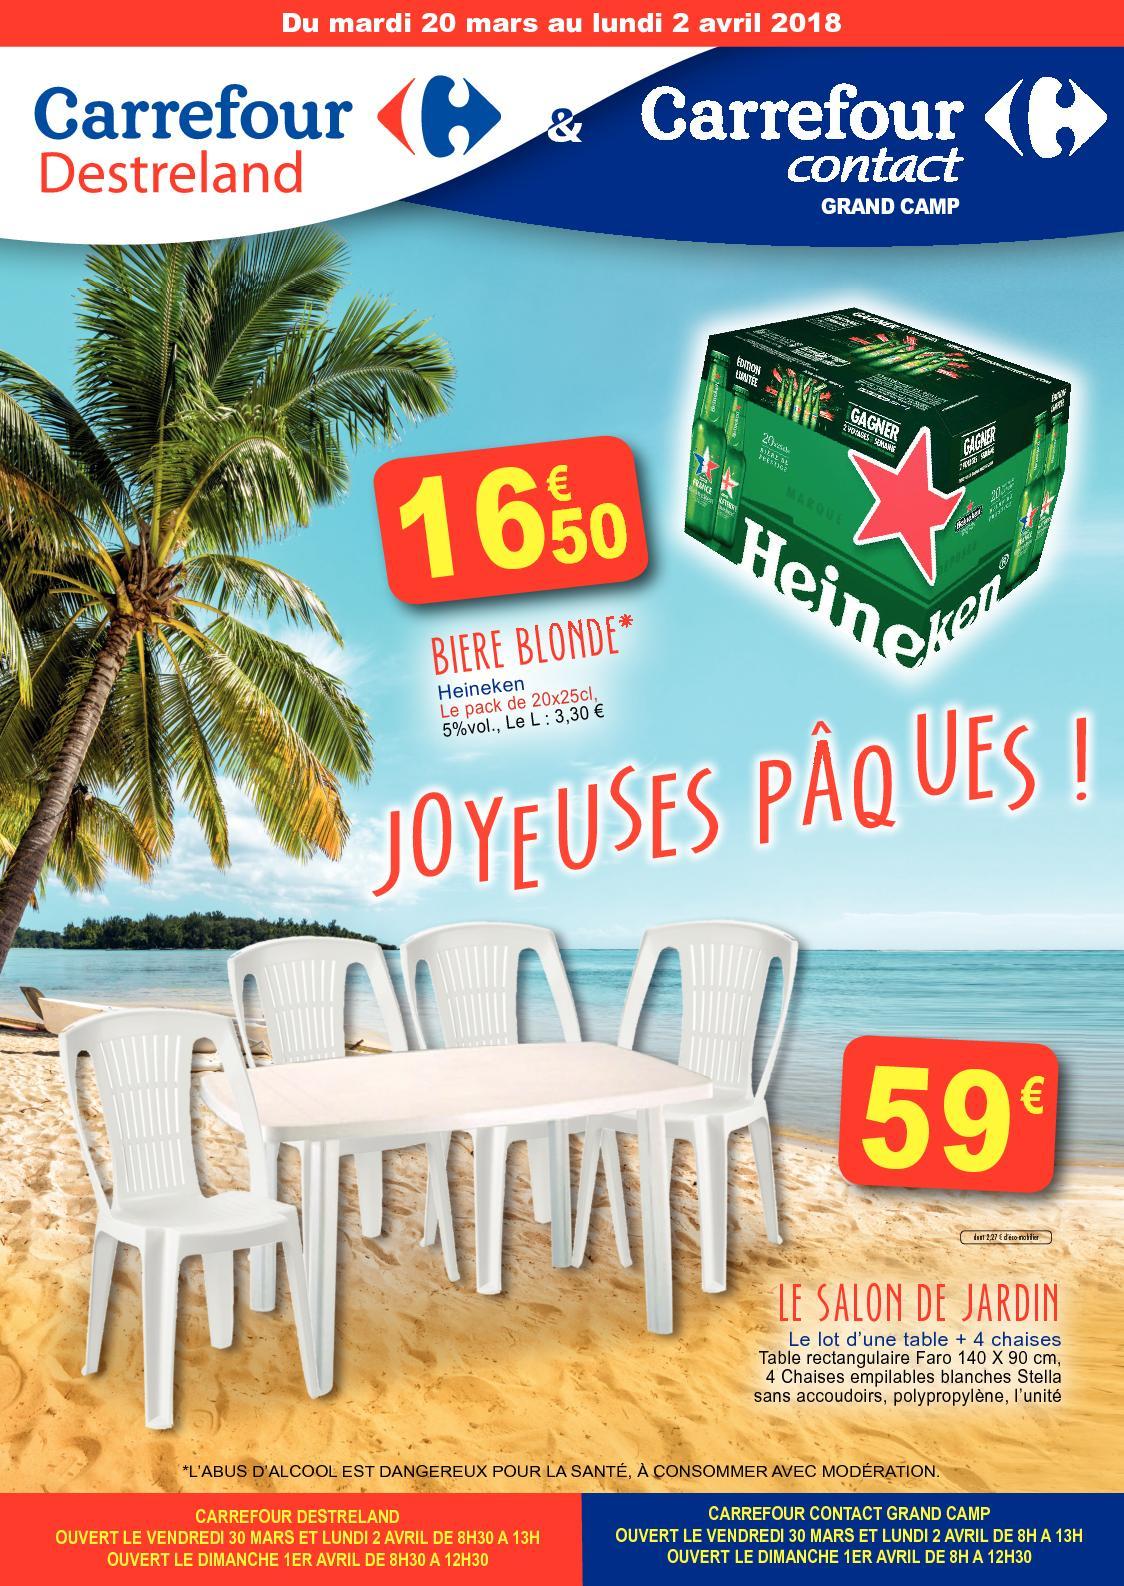 Calaméo - Carrefour Destreland Paques 2018 intérieur Carrefour Piscine Hors Sol